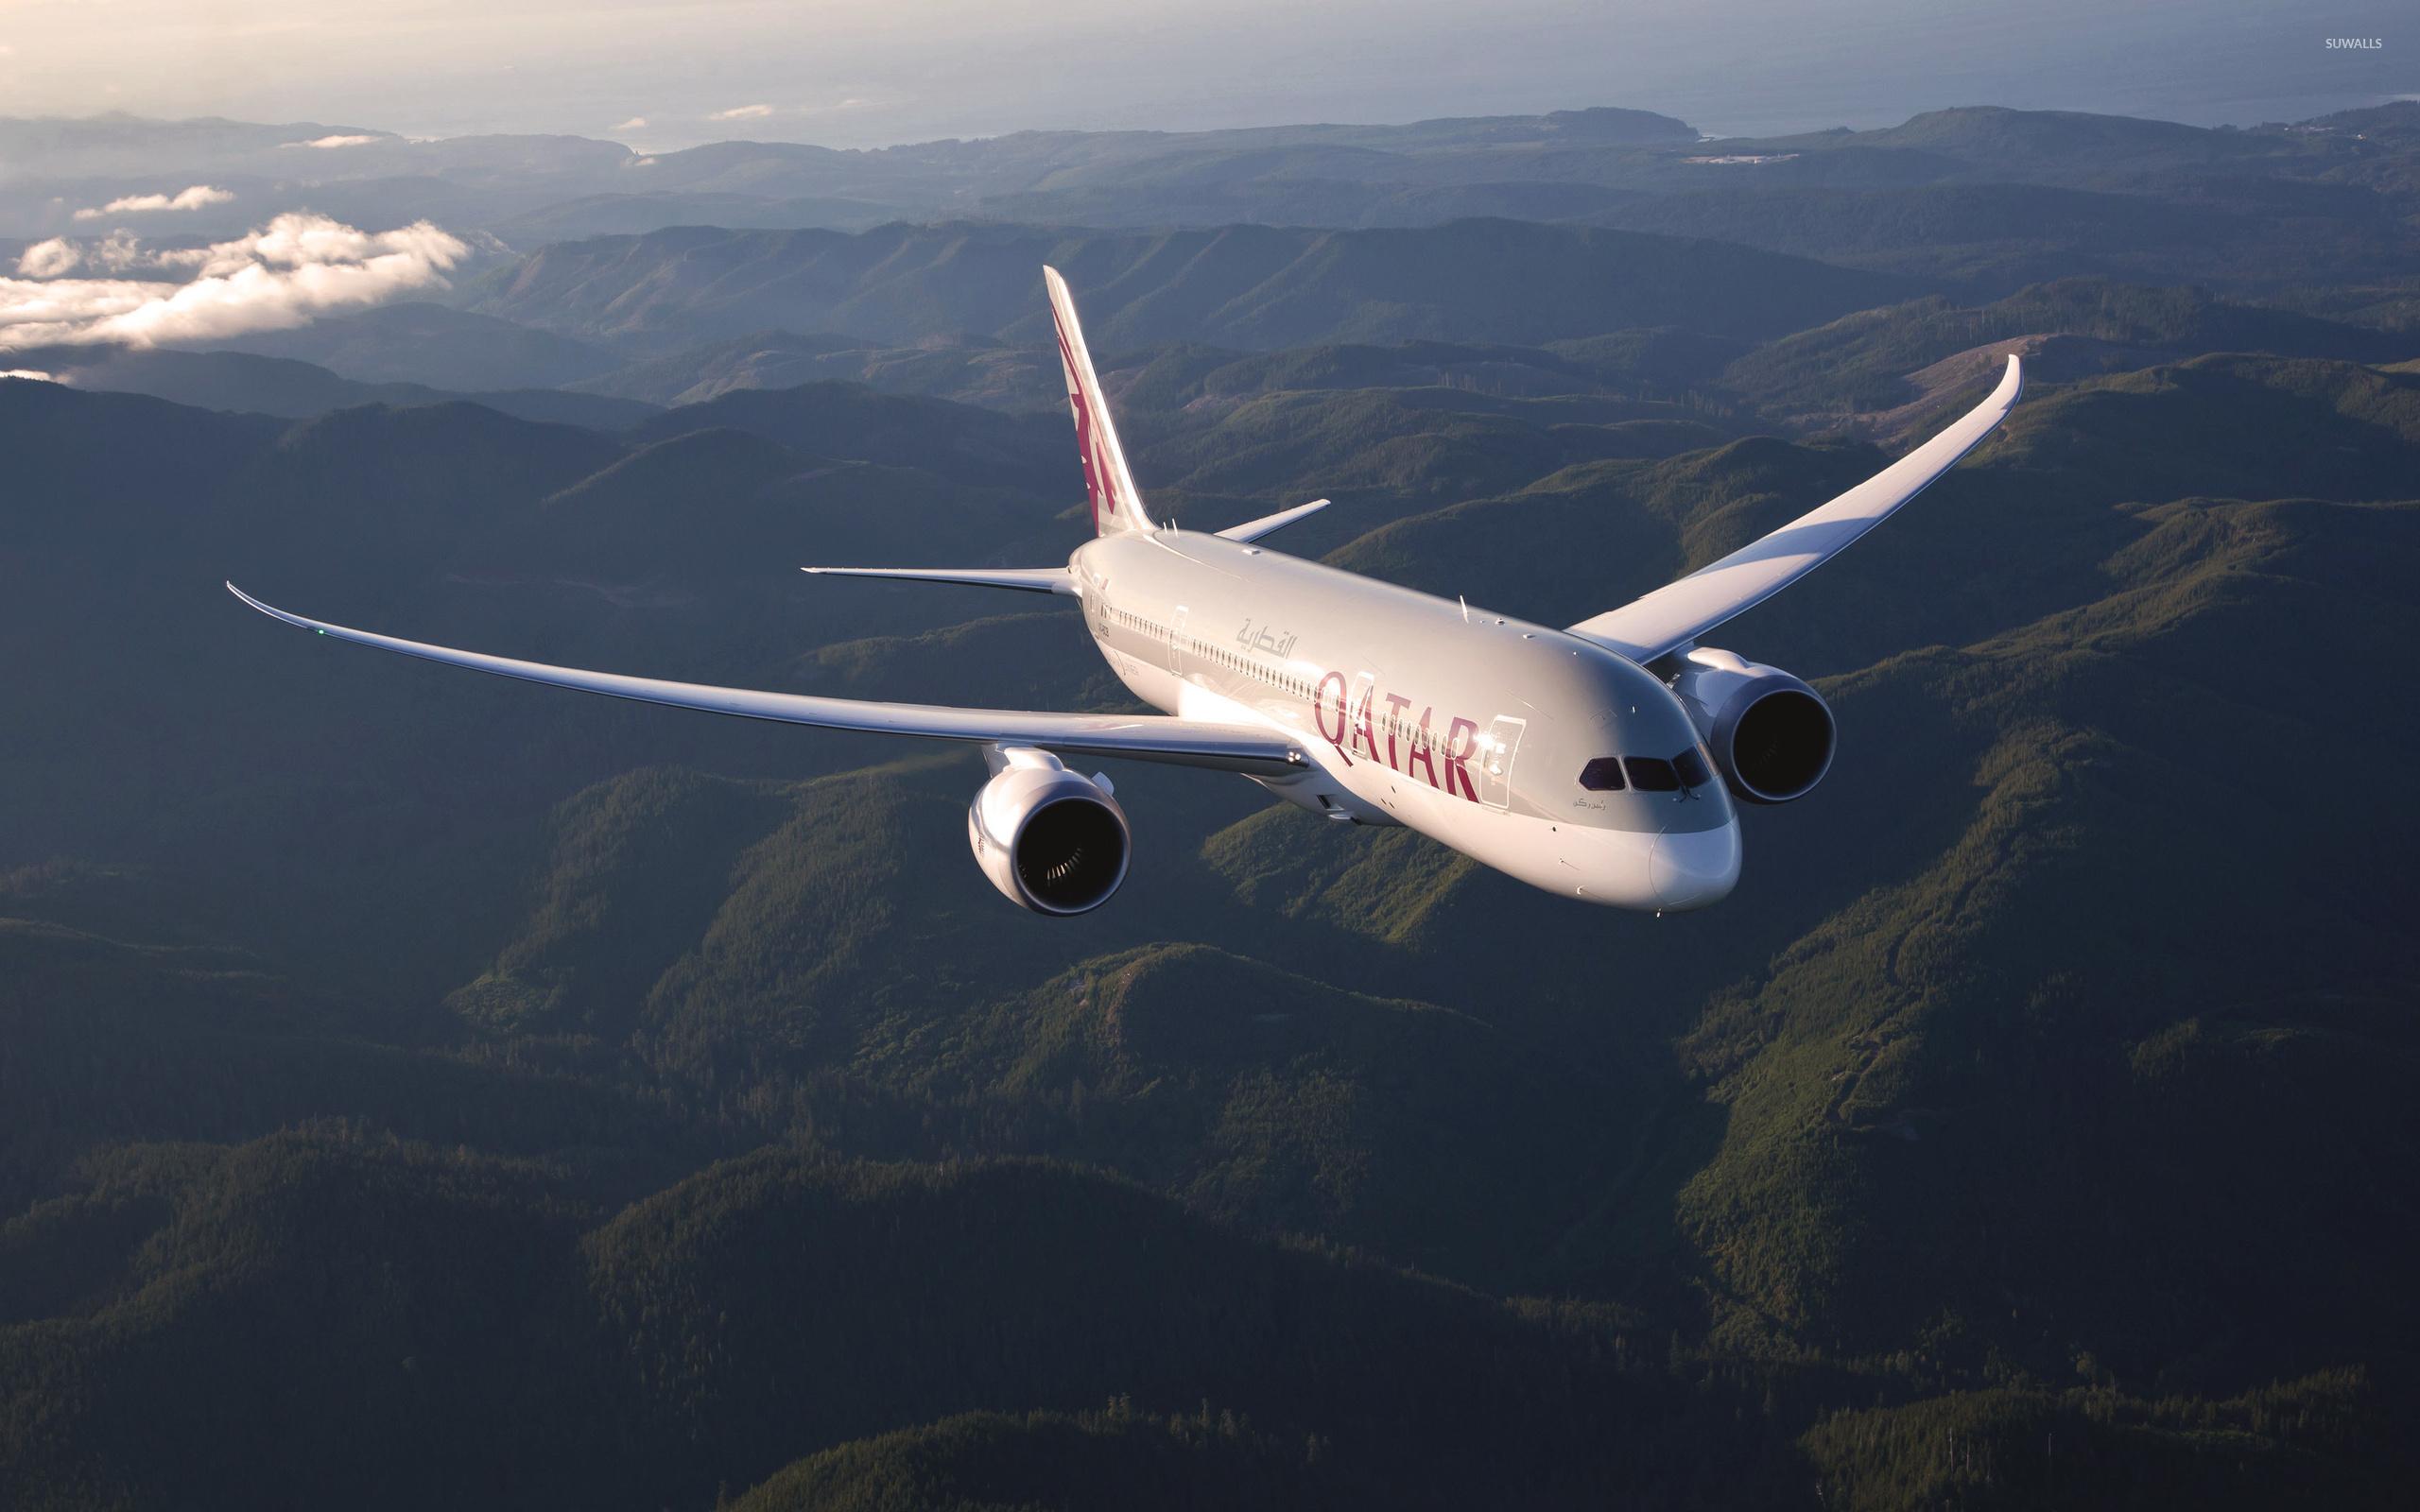 тот или фото самолетов в высоком качестве пассажирские дни